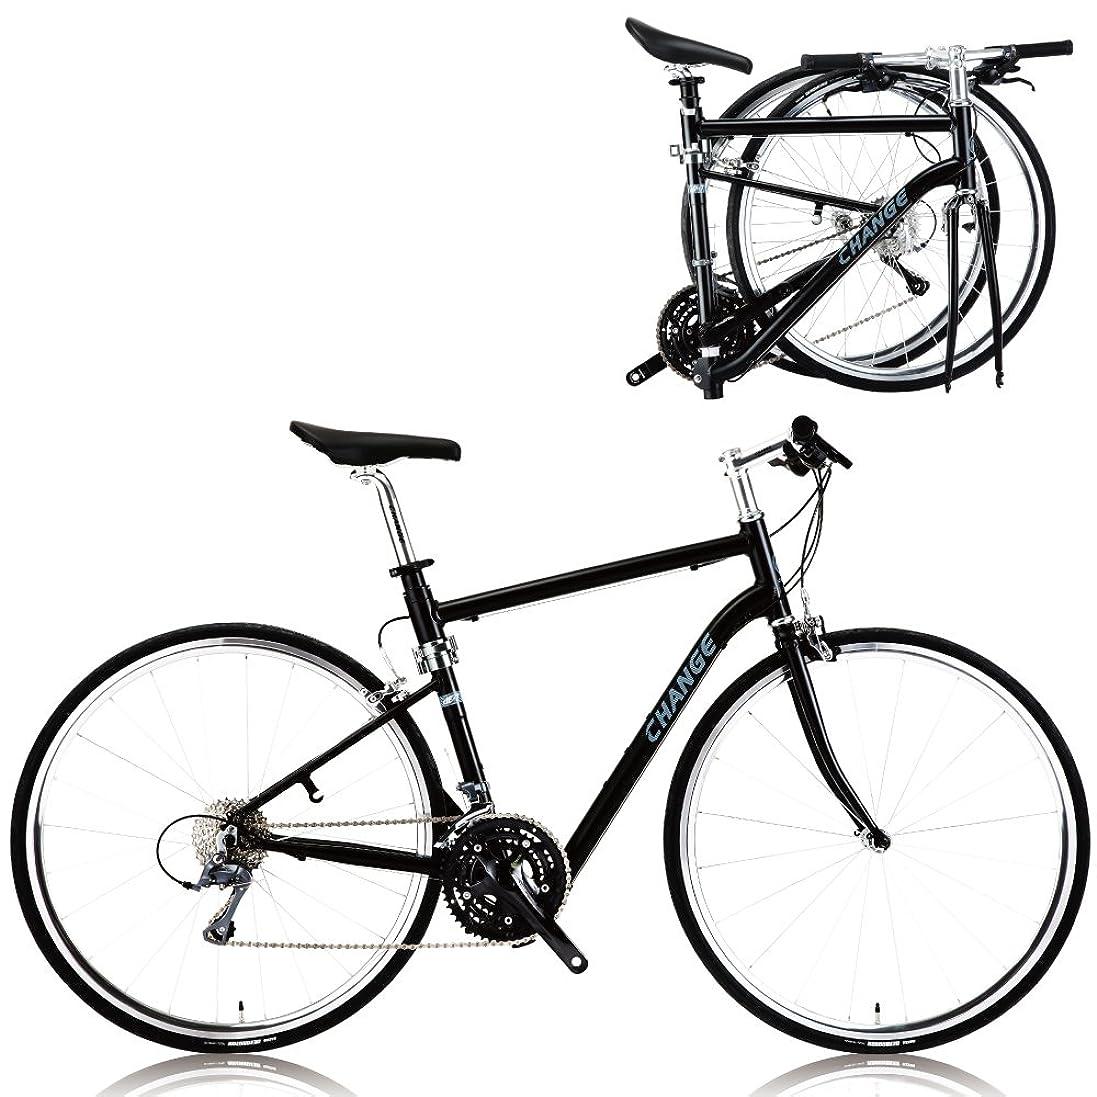 逃れる契約クルーズCHANGE軽量 10.5~11kg フルサイズロード 700C 折りたたみ自転車 シマノ24スピード DF-702B